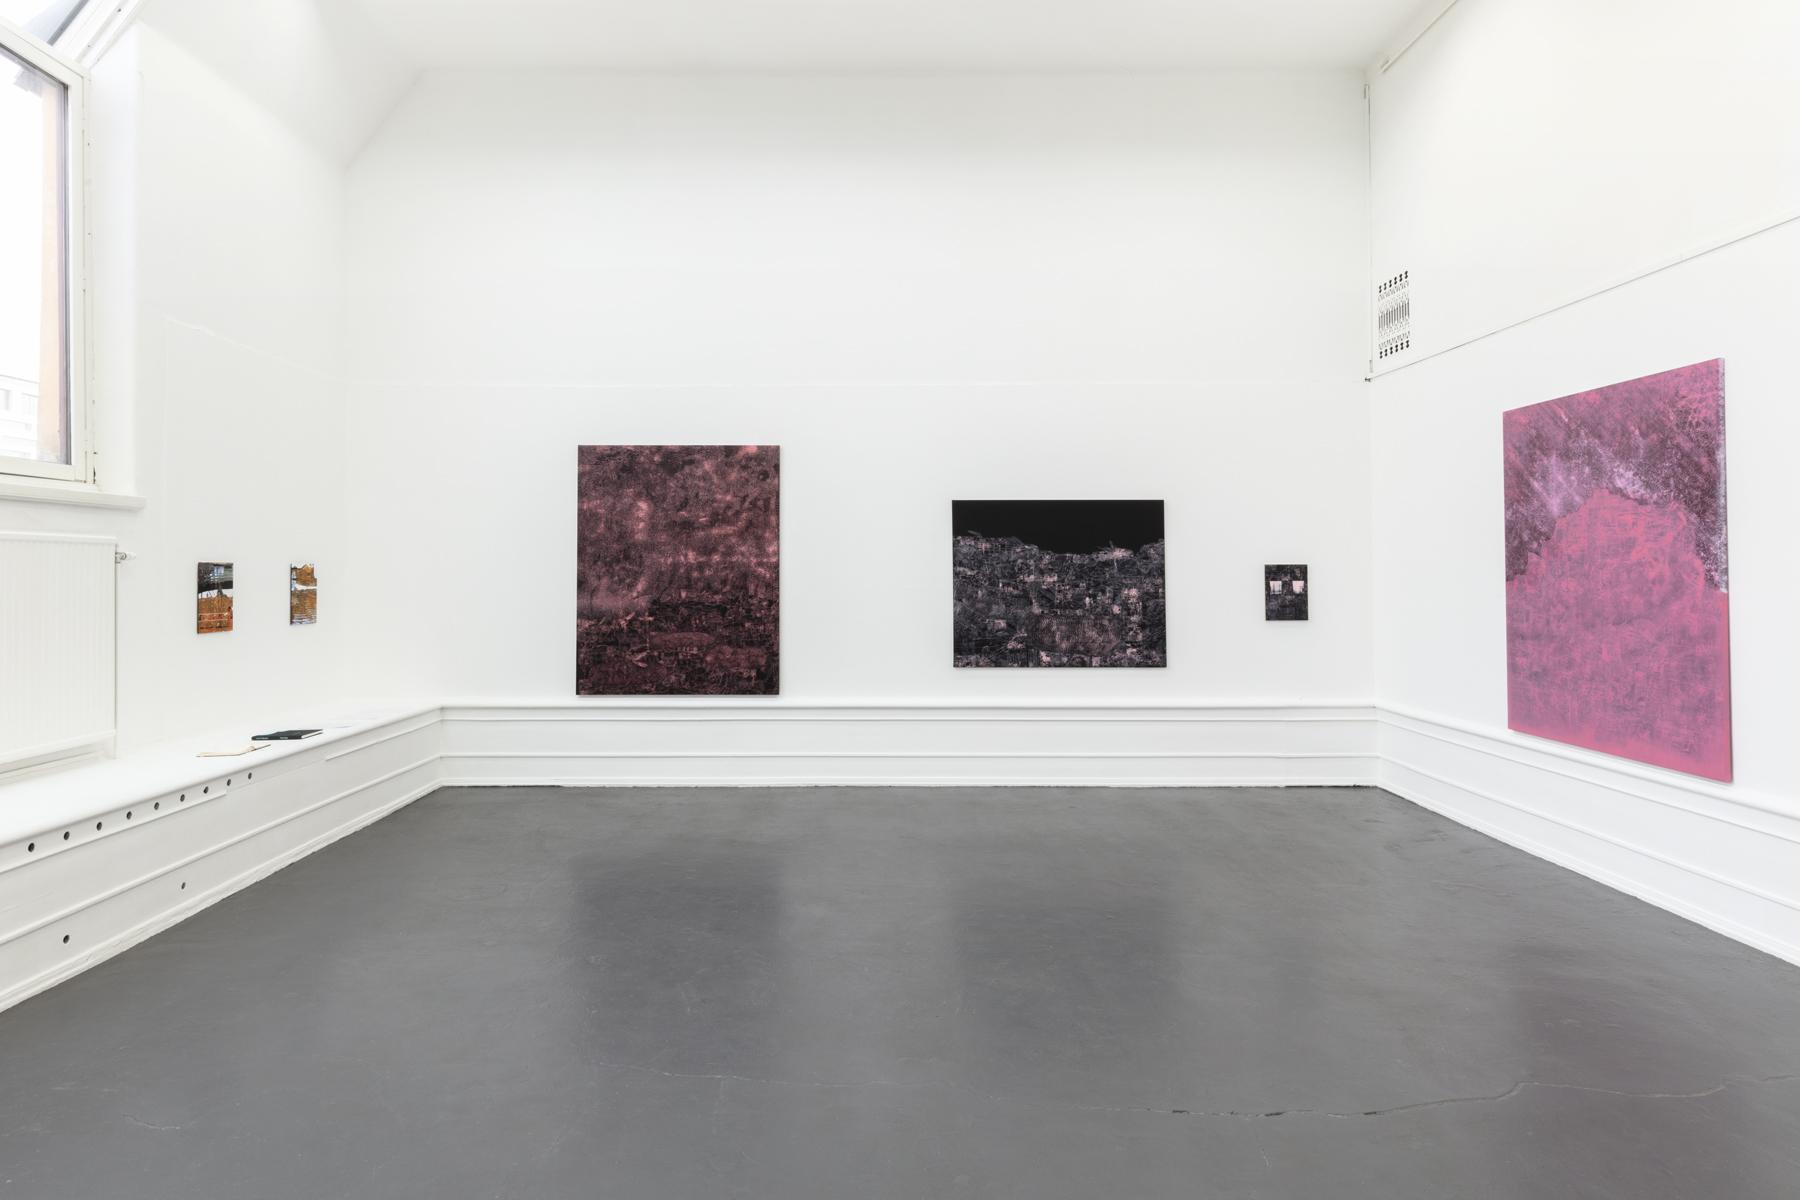 """Lisa D Manner, """"Long Wave"""", 2020. Installation view: Stellar, 2020, Take off, 2020, Thermal, 2020, Scarlet Lake, 2020, Galleri Flach"""